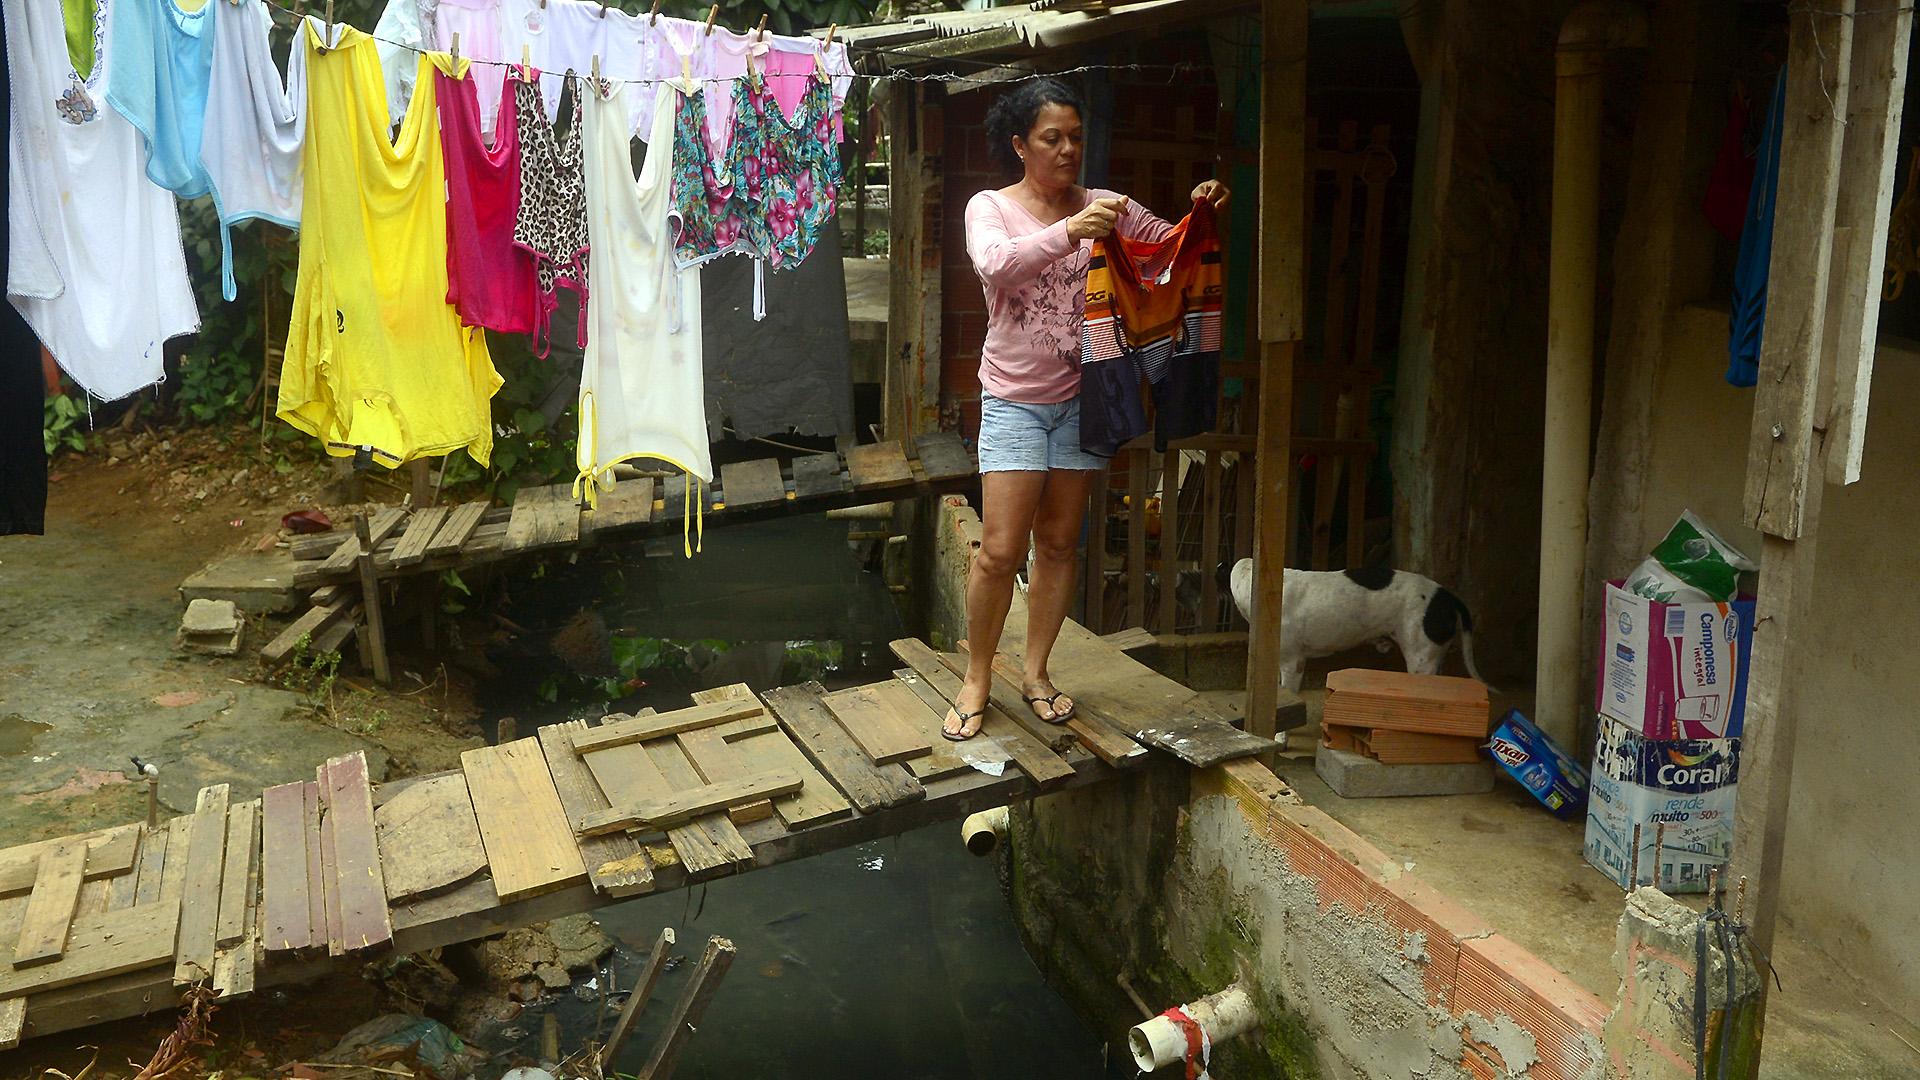 Em pé numa pinguela sobre valão, moradora estende roupas